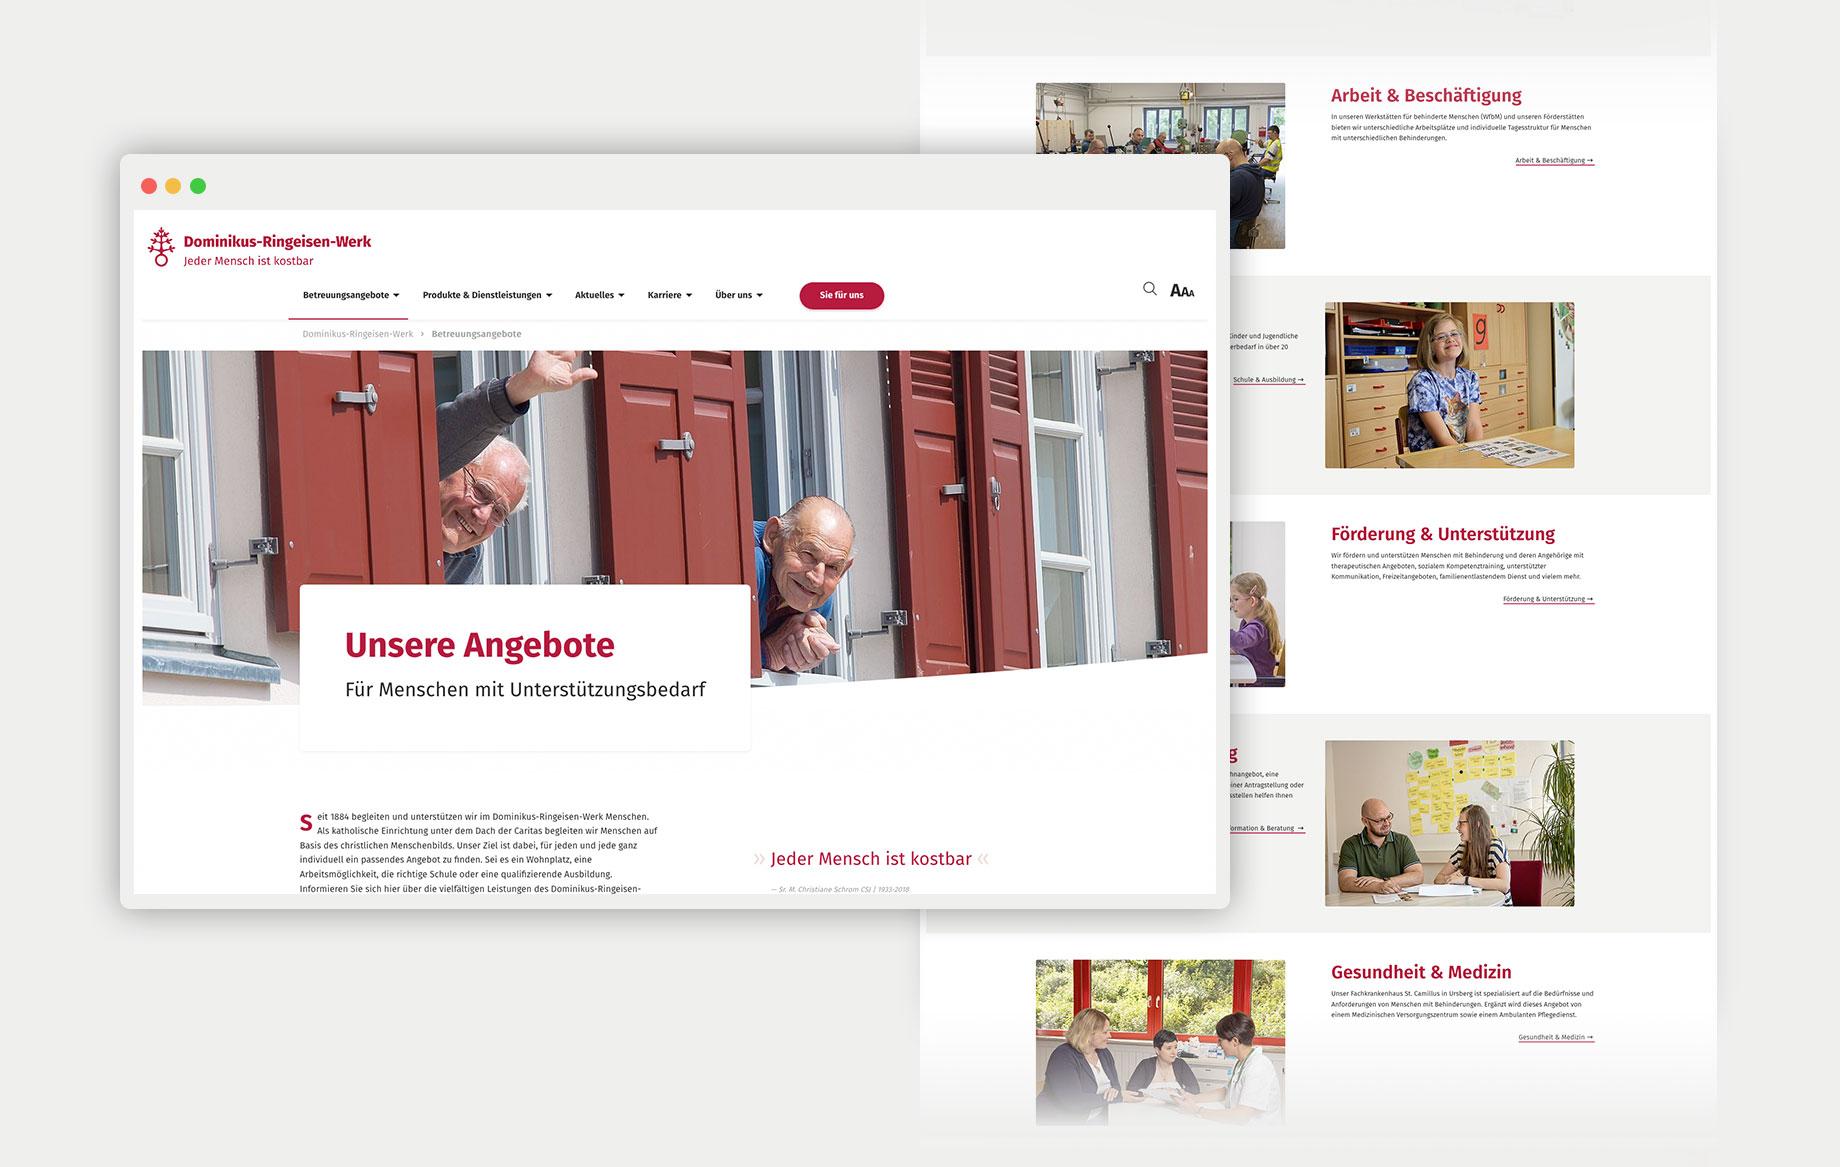 Fotos geben Einblick in die Arbeit, kurze Texte und weiterführende Links helfen bei der schnellen Navigation durch die Seite.